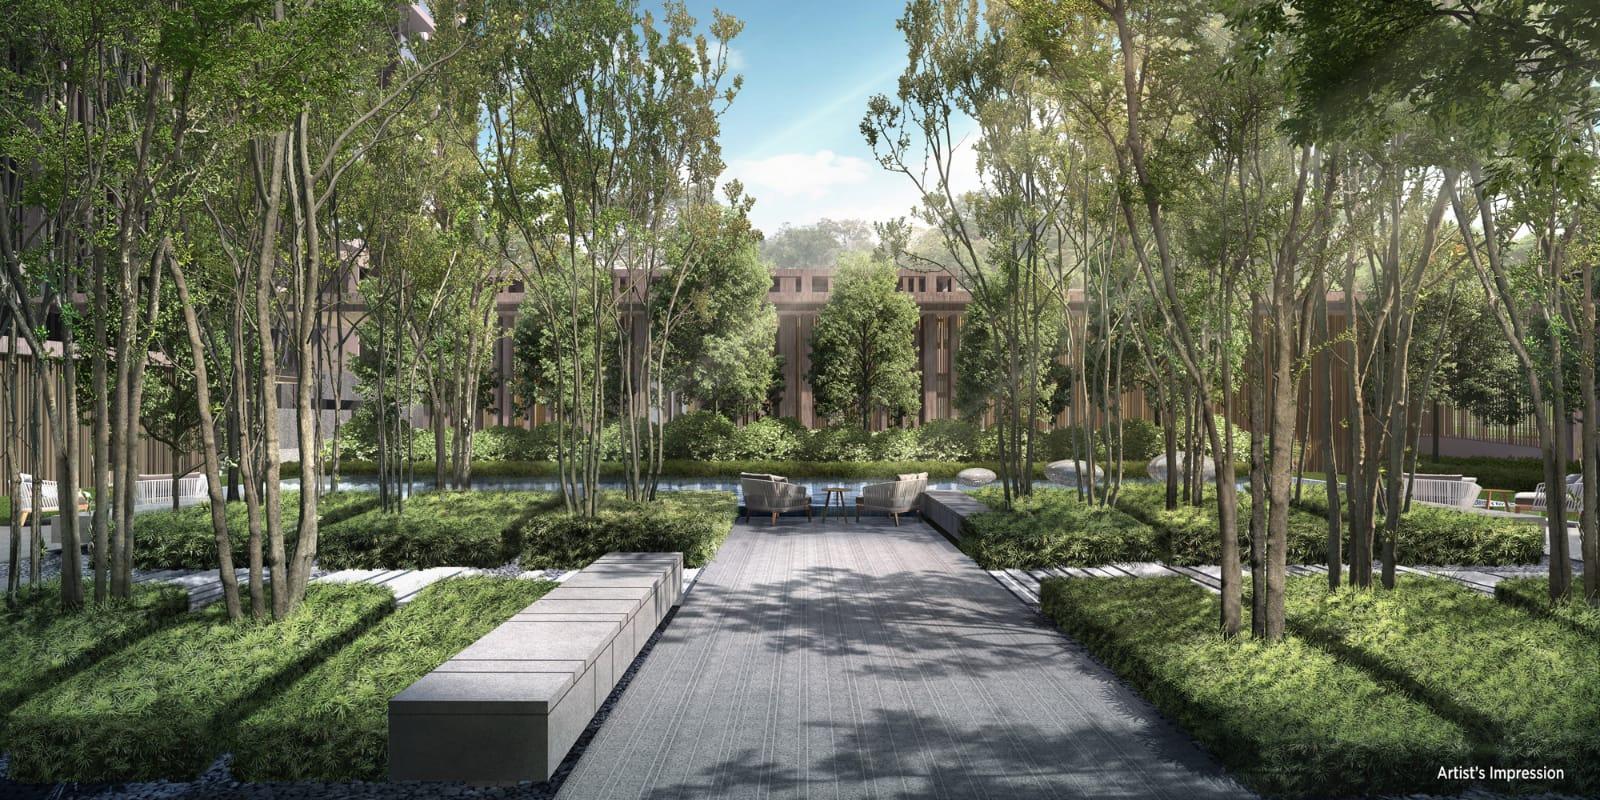 The Avenir greenery